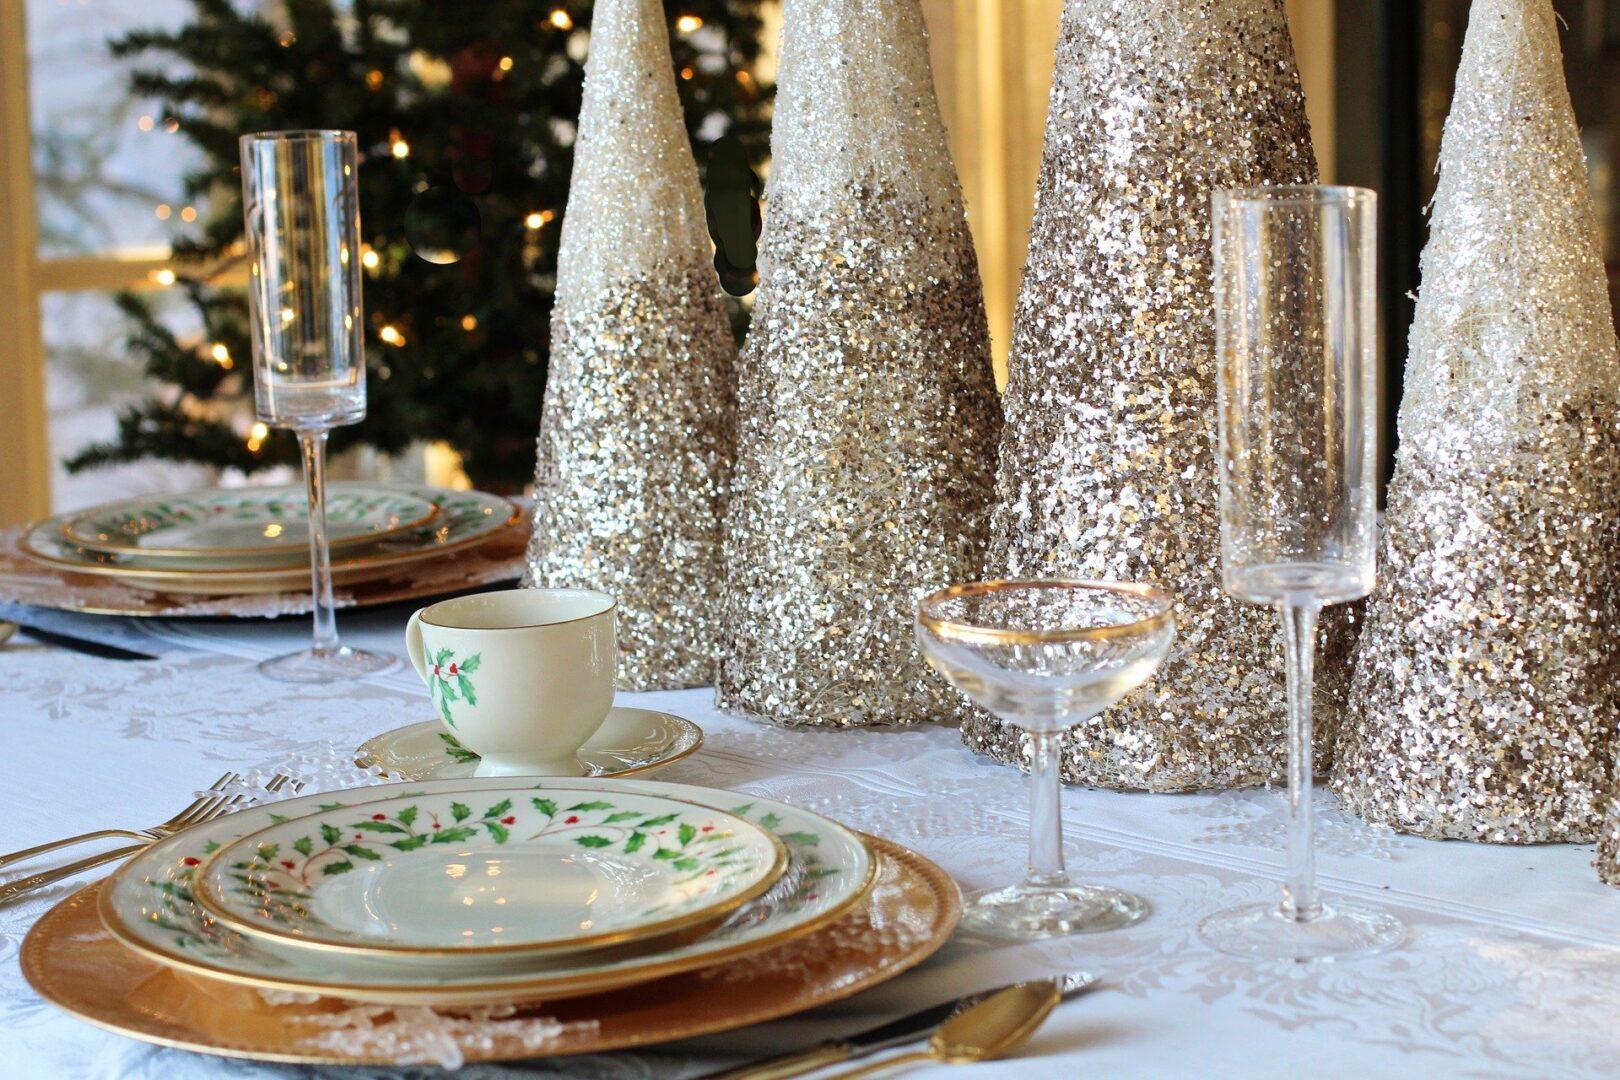 Pri praznovanju božiča in drugih cerkvenih praznikov je bistveno, da je človek usmerjen navzven. Pri tem je drugotnega pomena, v kakšnem krogu se človek nahaja.